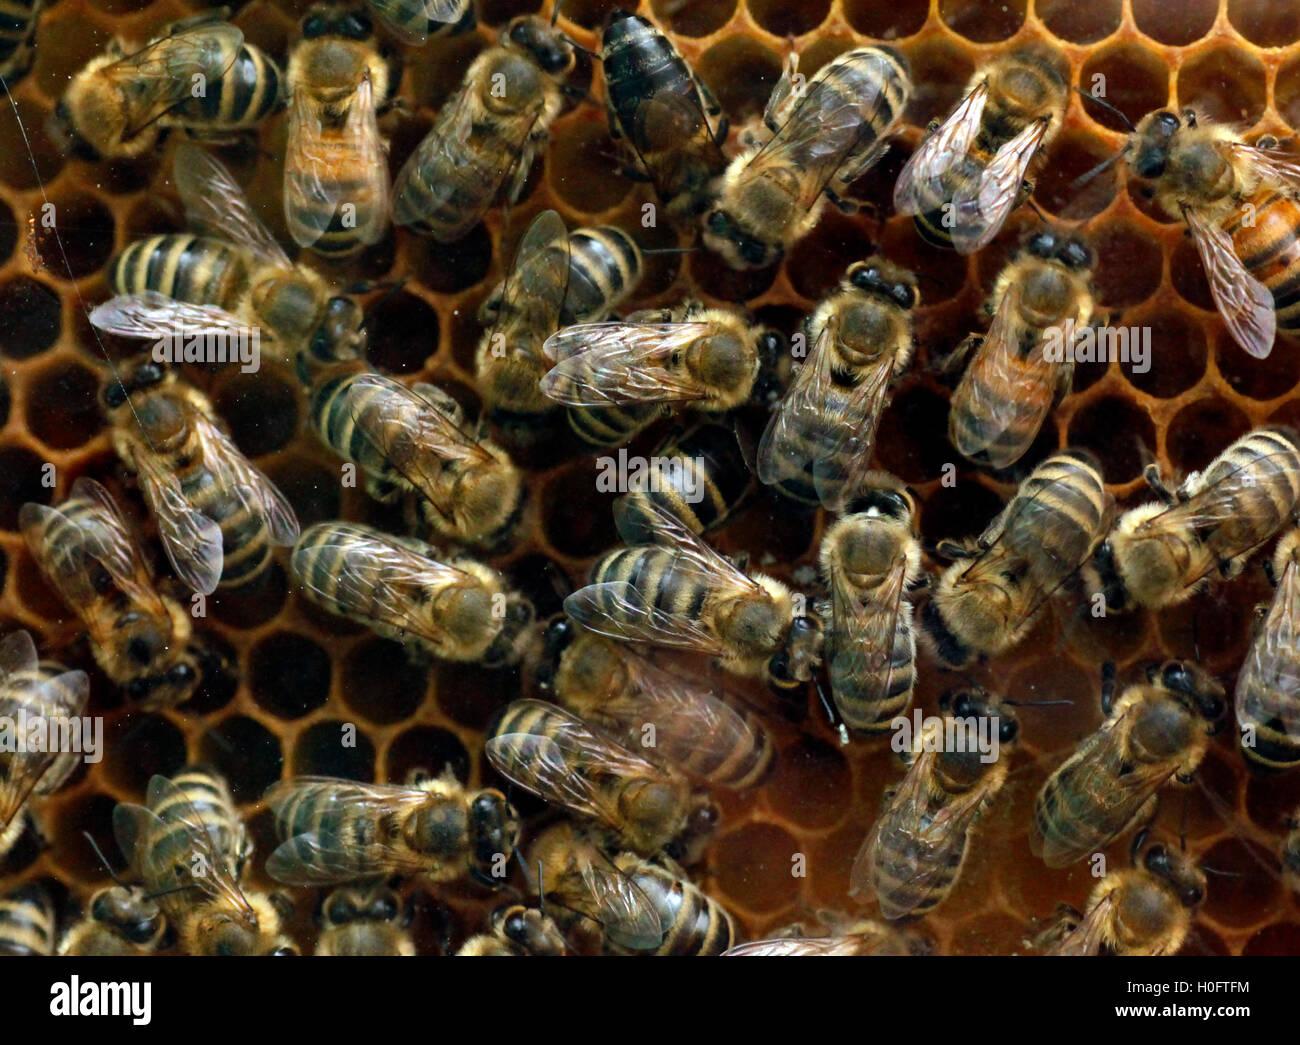 Las abejas de miel en un panal de miel fresca bastidor haciendo Imagen De Stock